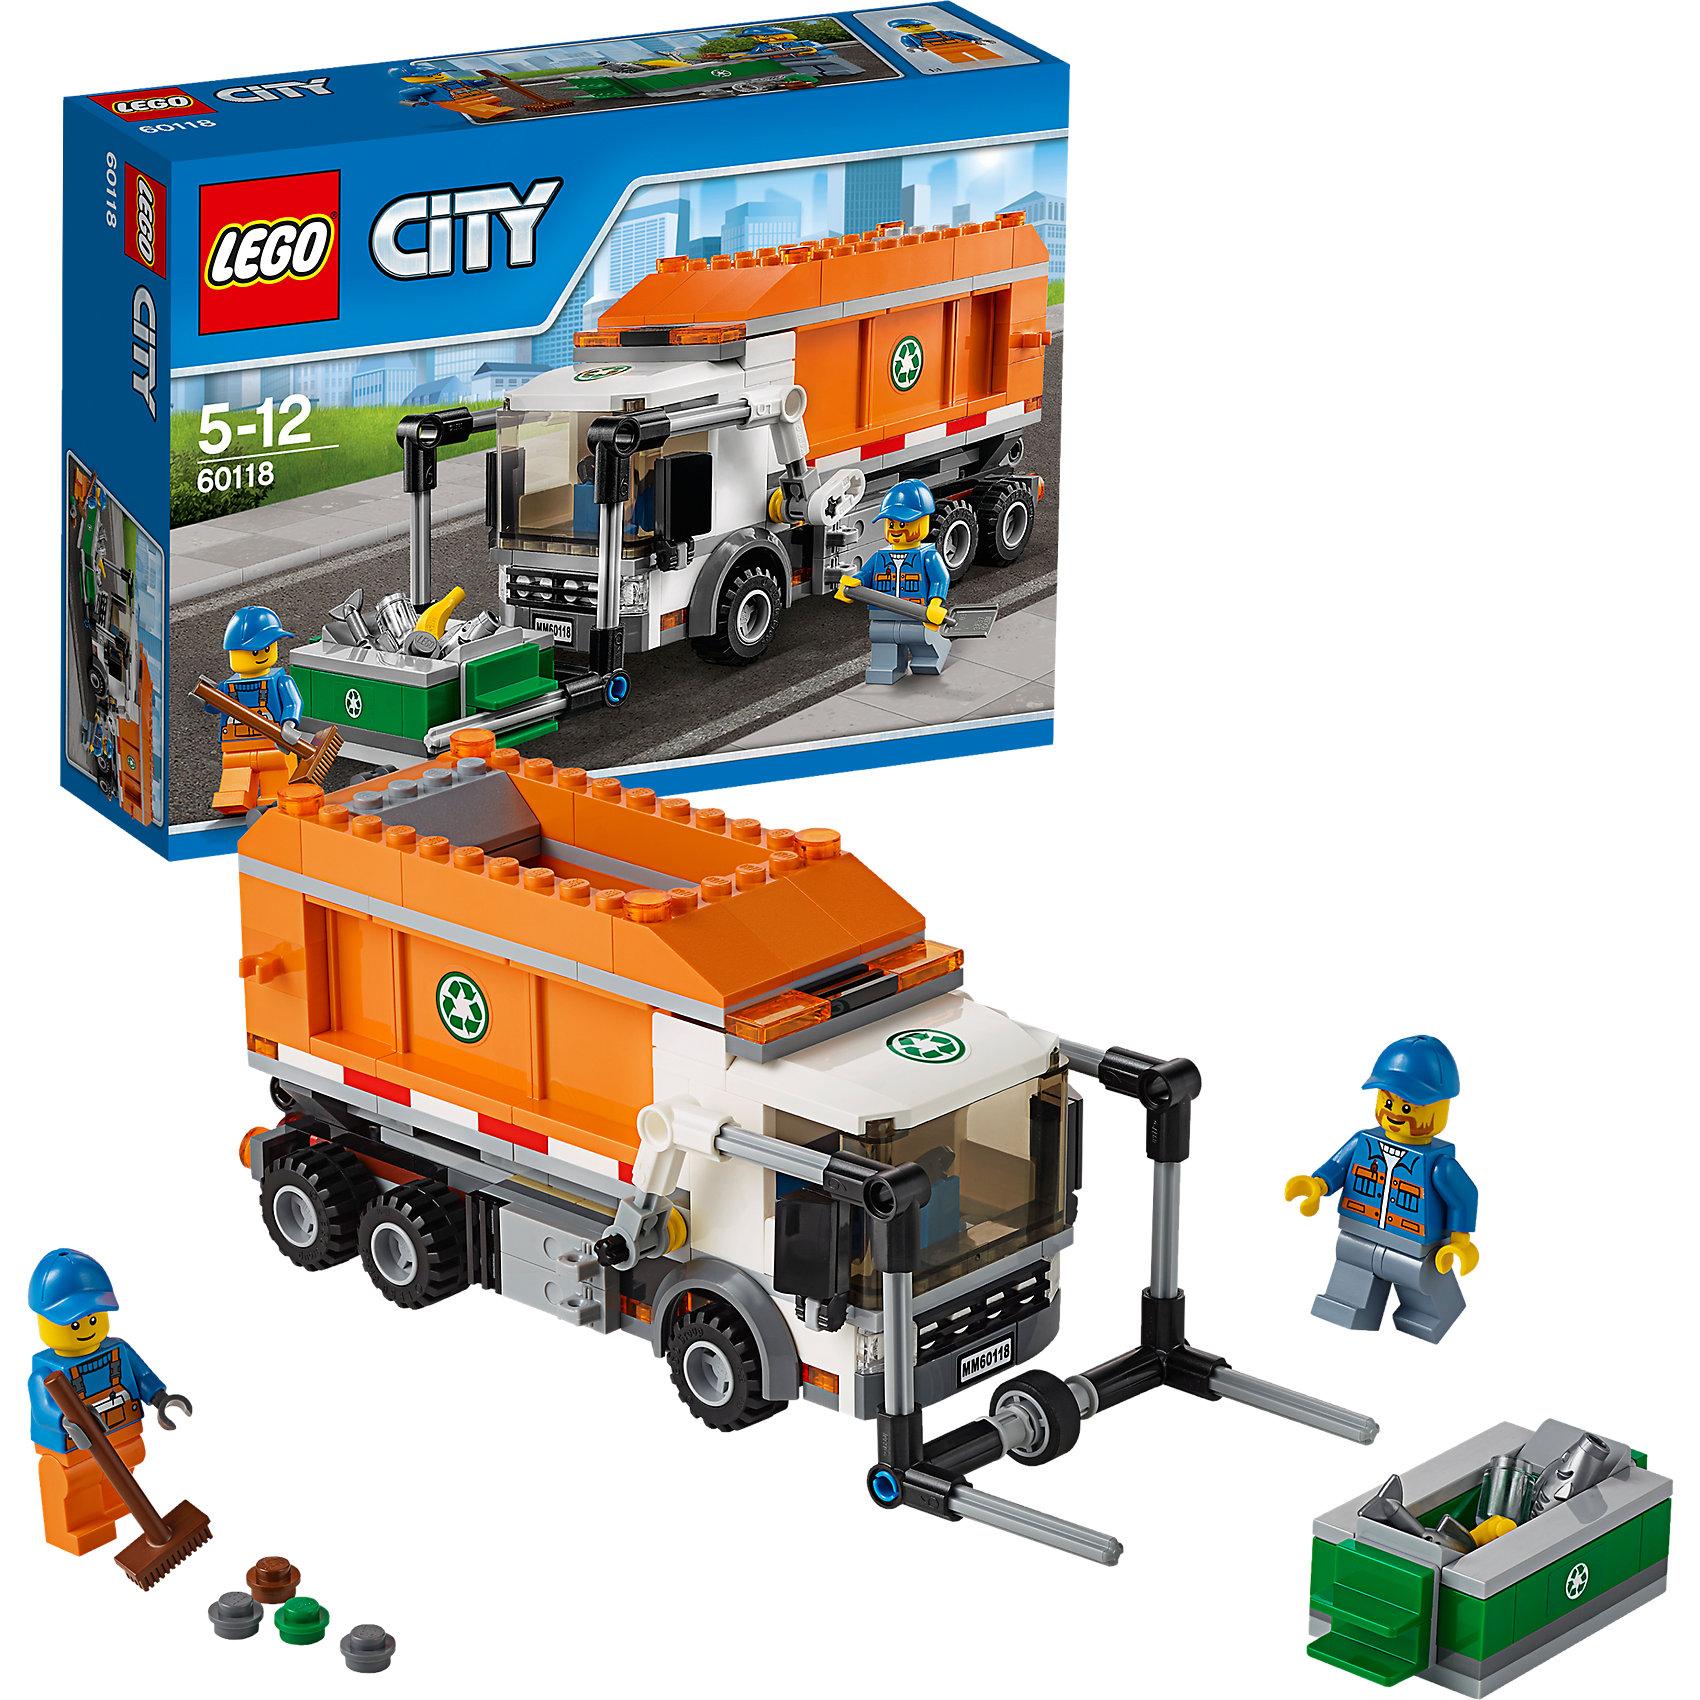 LEGO City 60118: МусоровозLEGO City (ЛЕГО Сити) 60118: Мусоровоз станет прекрасным подарком для юных любителей конструирования. На улицах Лего-Сити всегда чистота и порядок! Каждый день команда городских служб разъезжает по улицам на своем большом мусоровозе, собирает мусор и отвозит его на переработку. Модель мусоровоза отличается функциональностью и высокой степенью детализации. Просторная застекленная кабина оснащена сиденьем водителя, рулем, боковыми зеркалами, радиаторной решёткой и фарами. За кабиной предусмотрены крепления для подъёмника, который используется для фиксации мусорных контейнеров и опрокидывания их содержимого прямо в кузов грузовика. Большой вместительный кузов поднимается и опускается, задняя стенка кузова открывается, высыпая содержимое. В комплект входят различные игровые аксессуары (мусорный контейнер, лопата, швабра, мусор) и две минифигурки рабочих.  <br><br>Серия конструкторов LEGO City позволяет почувствовать себя инженером и архитектором, строителем или мэром города. Вы можете создавать свой город мечты, развивать городскую инфраструктуру, строить дороги и здания, управлять городским хозяйством и следить за порядком.<br>В игровых наборах с разнообразными сюжетами много интересных персонажей, оригинальных объектов и городской техники. Это уникальная возможность для ребенка развивать фантазию и логическое мышление, узнавать и осваивать разные профессии.<br><br>Дополнительная информация:<br><br>- Игра с конструктором LEGO (ЛЕГО) развивает мелкую моторику ребенка, фантазию и воображение, учит его усидчивости и внимательности.<br>- Количество деталей: 248.<br>- Количество минифигур: 2.<br>- Серия: LEGO City (ЛЕГО Сити).<br>- Материал: пластик.<br>- Размер собранного мусоровоза: 8 х 20 х 7 см.<br>- Размер упаковки: 26 х 7 х 19 см.<br>- Вес: 0,42 кг.<br><br>LEGO City (ЛЕГО Сити) 60118: Мусоровоз можно купить в нашем интернет-магазине.<br><br>Ширина мм: 264<br>Глубина мм: 190<br>Высота мм: 73<br>Вес г: 423<br>Возраст от месяцев: 60<br>Возраст д